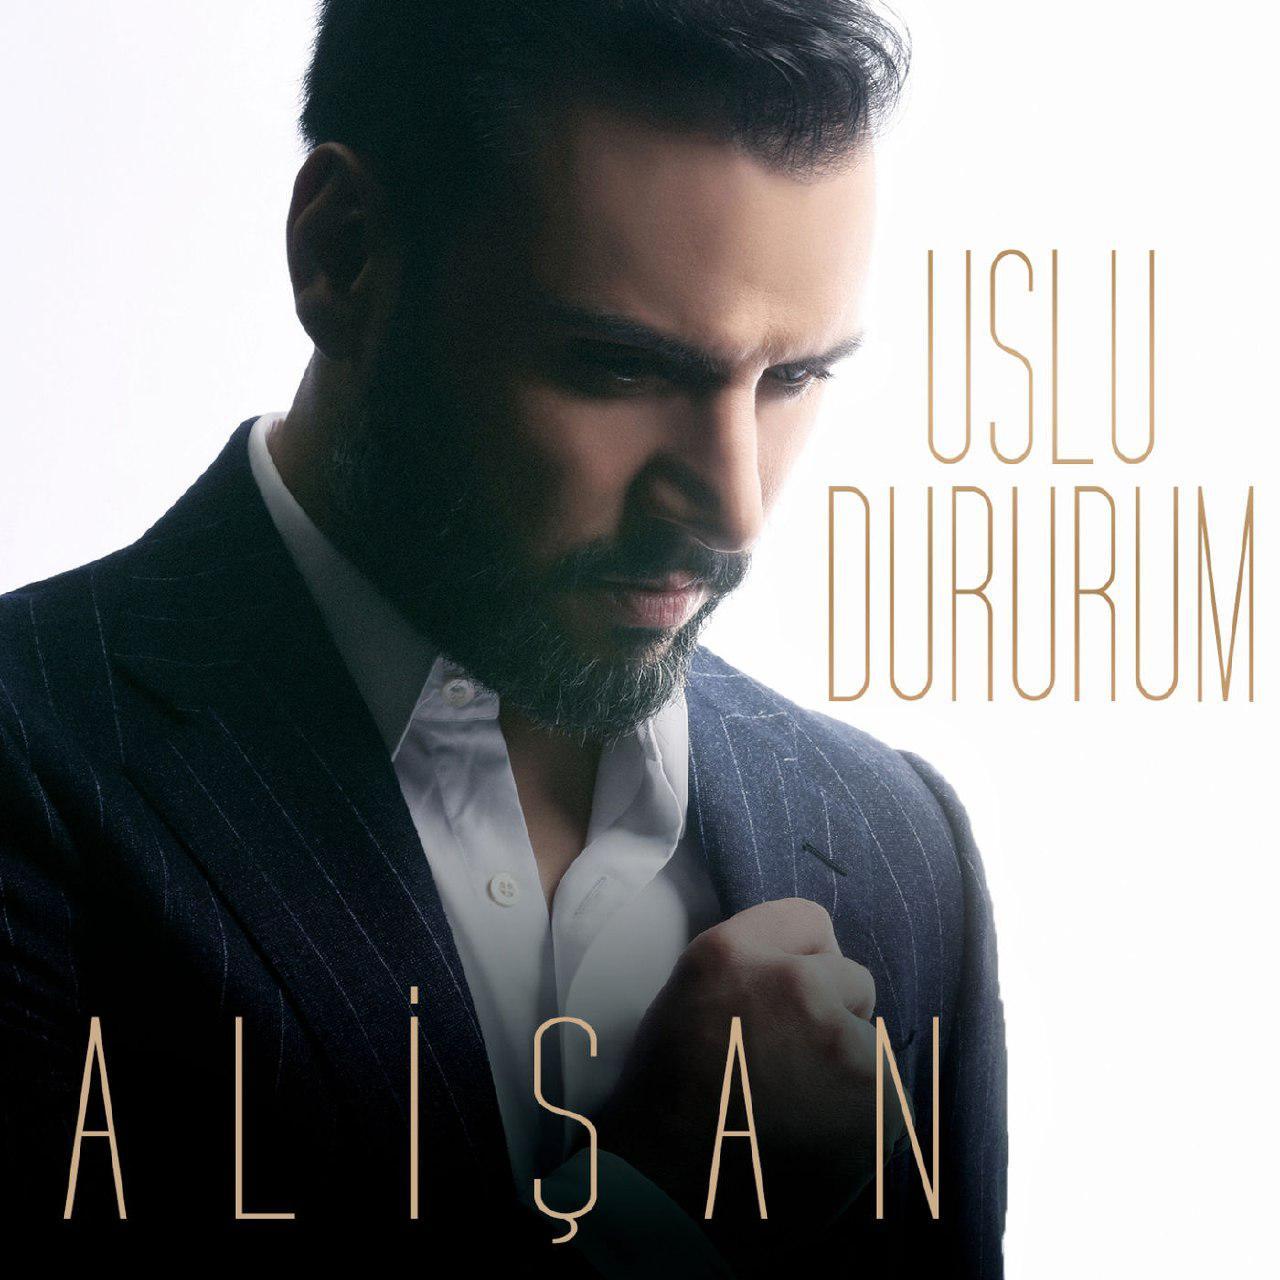 دانلود آهنگ ترکی جديد Alisan به نام Uslu Dururum